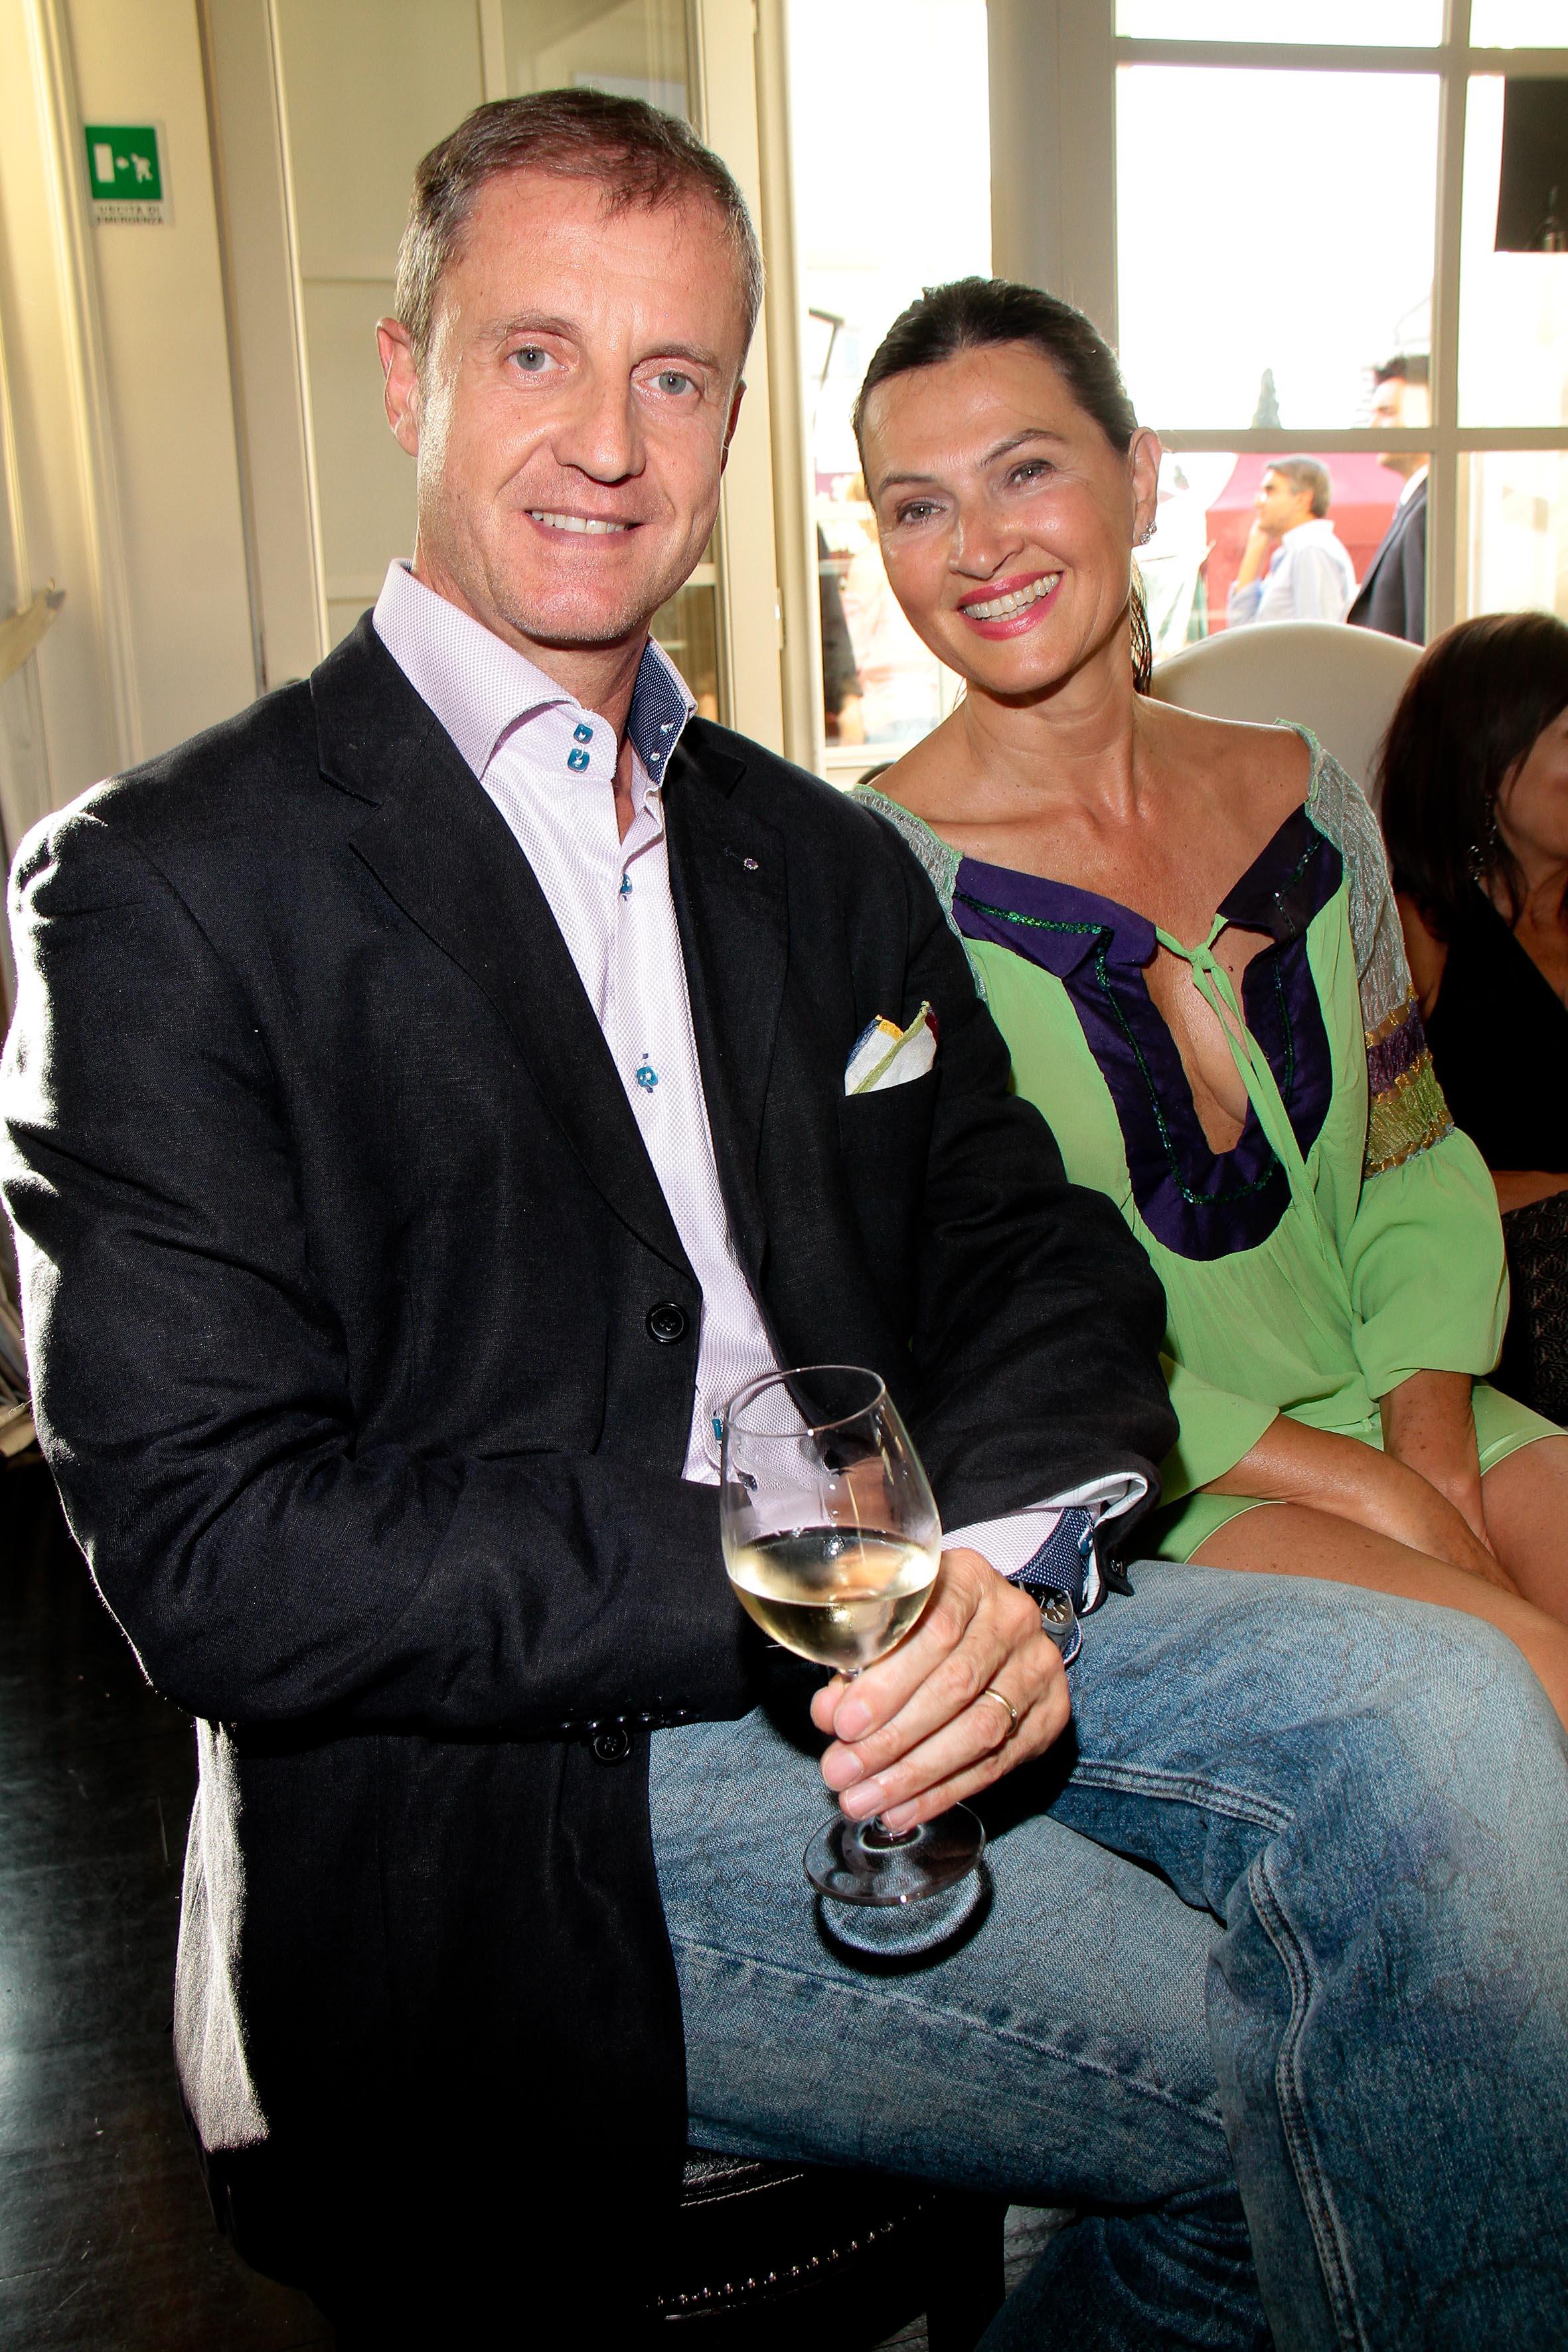 PRESSPHOTO Firenze, JK Place, Toscana Sommelier. Nella foto Eugenio Virgillito e Paola Baggiani giuseppe cabras/new press photo